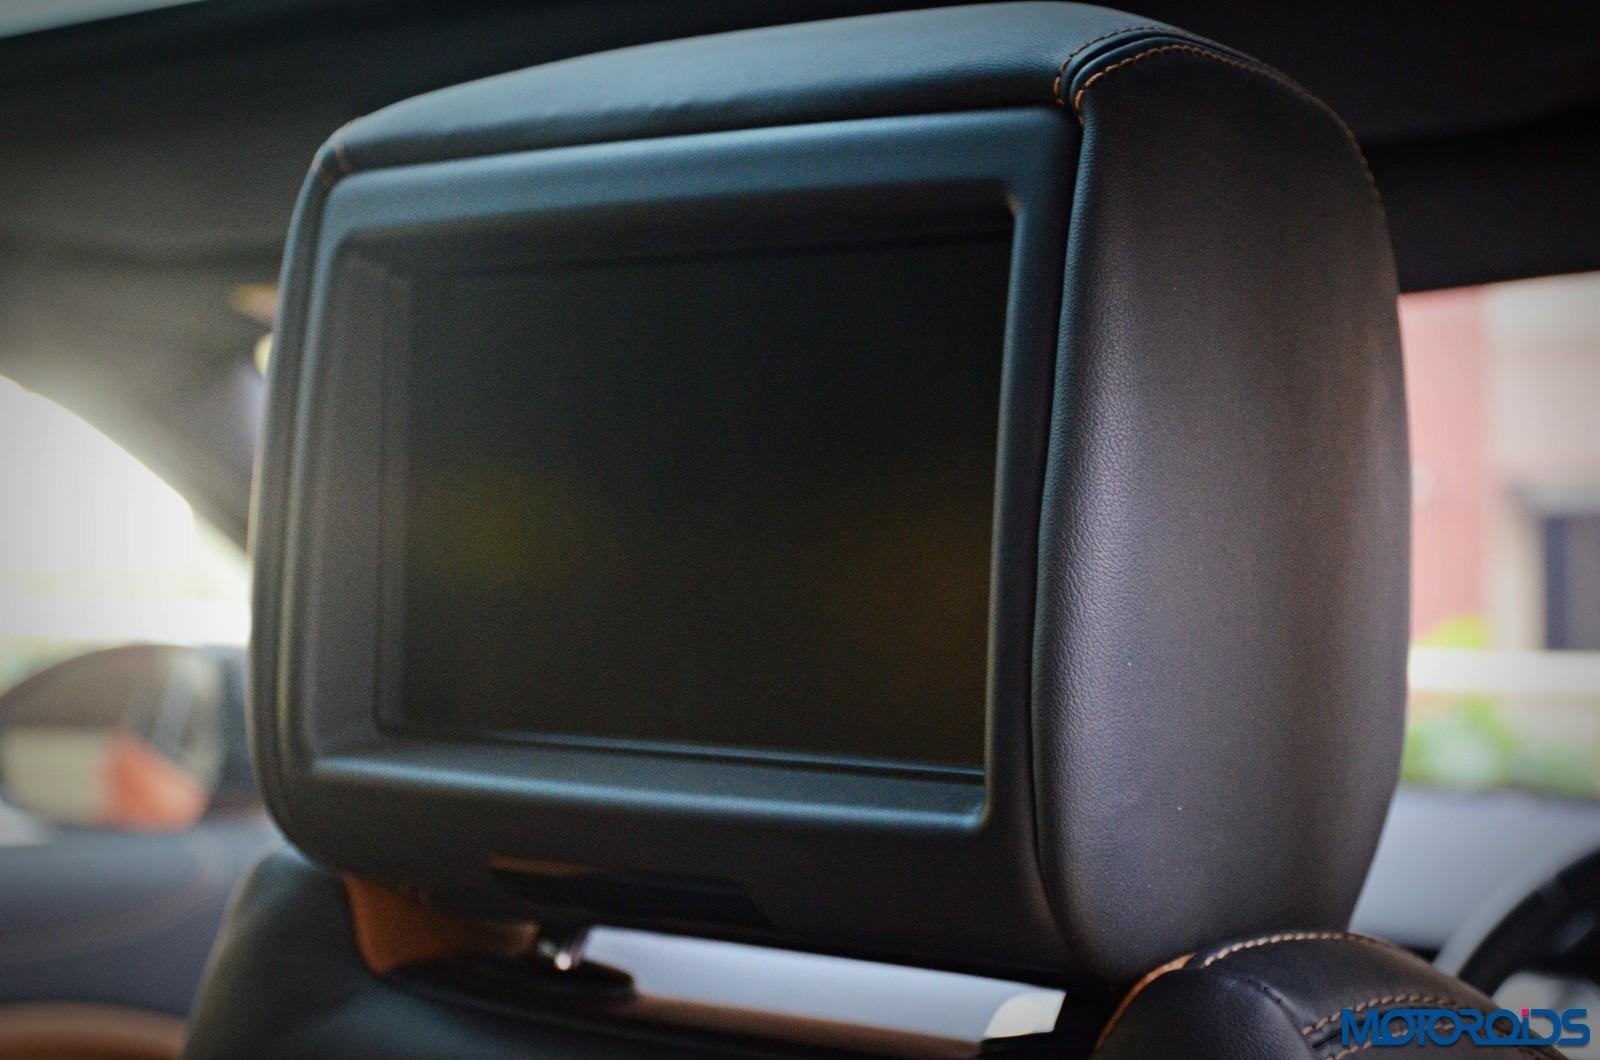 Range-Rover-Evoque-rear-entertainment